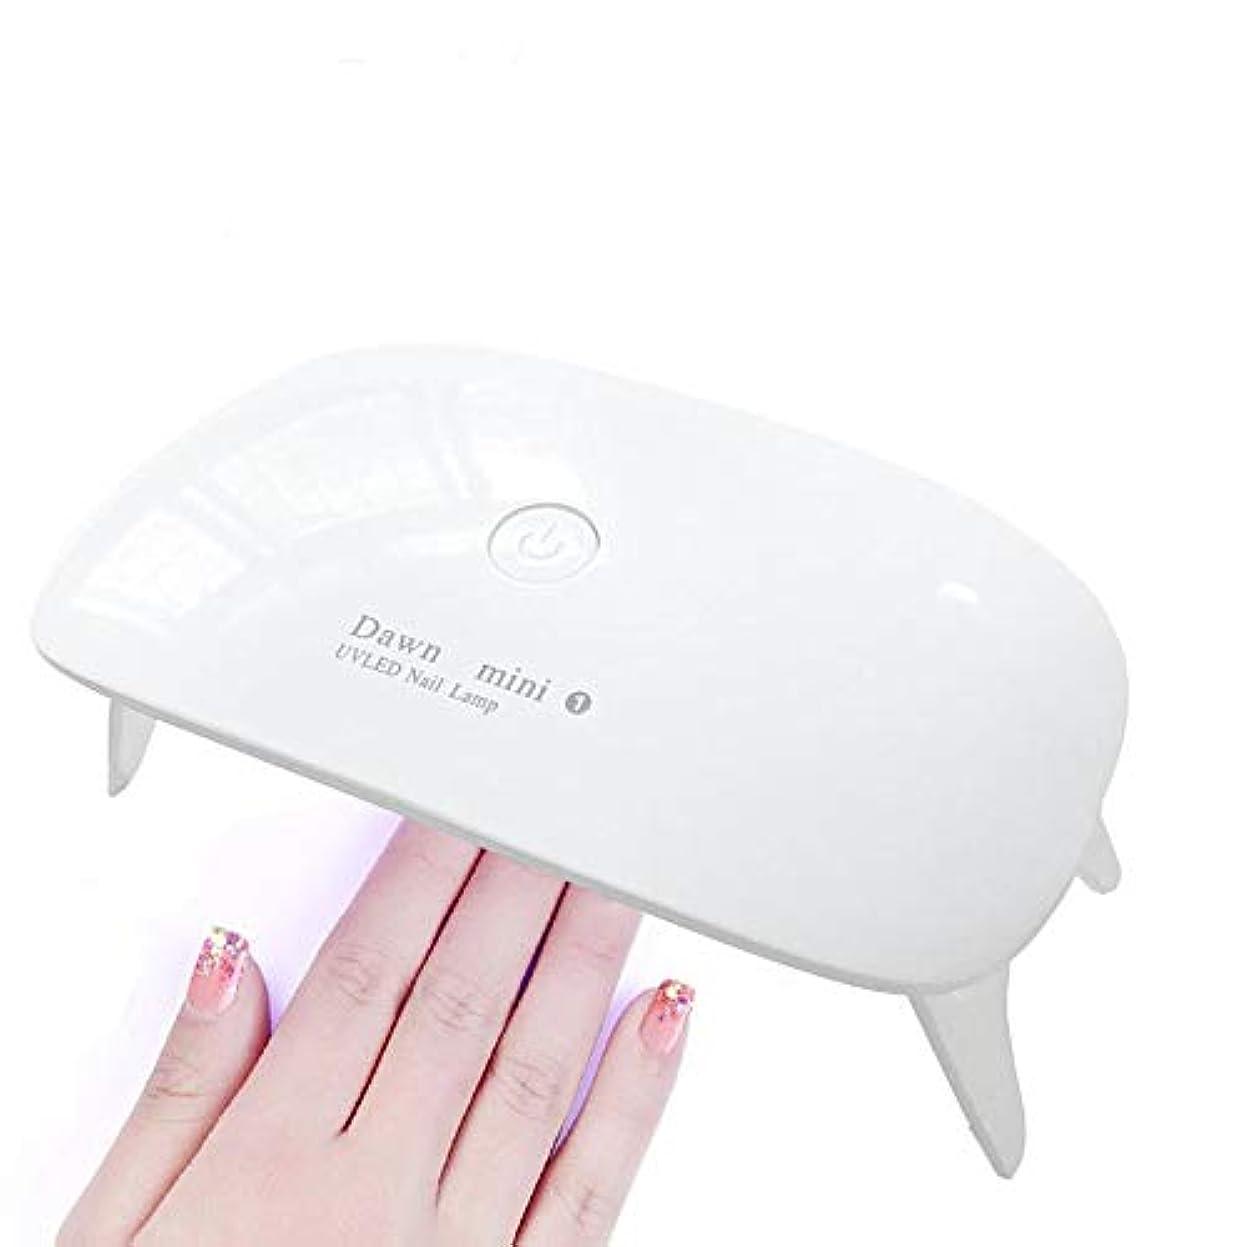 聡明シャワーブラウンLEDネイルドライヤー UVライト レジン用 硬化ライト タイマー設定可能 折りたたみ式手足とも使える UV と LEDダブルライト ジェルネイル と レジンクラフト用